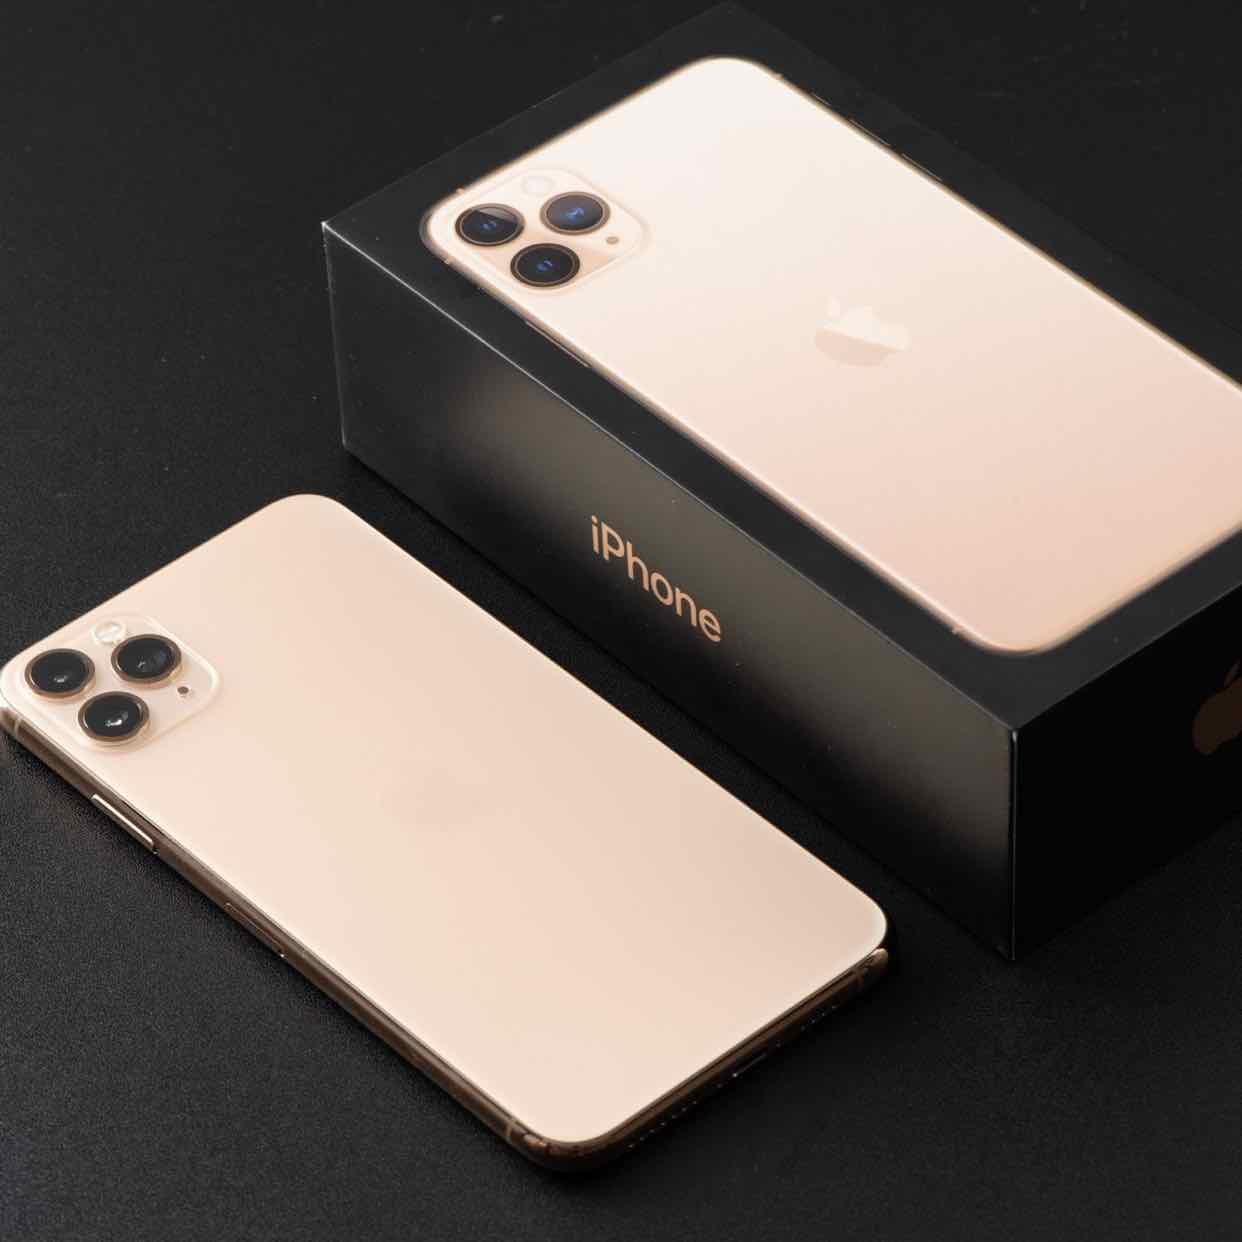 So sánh nhanh iPhone 11 Pro Max và XS Max